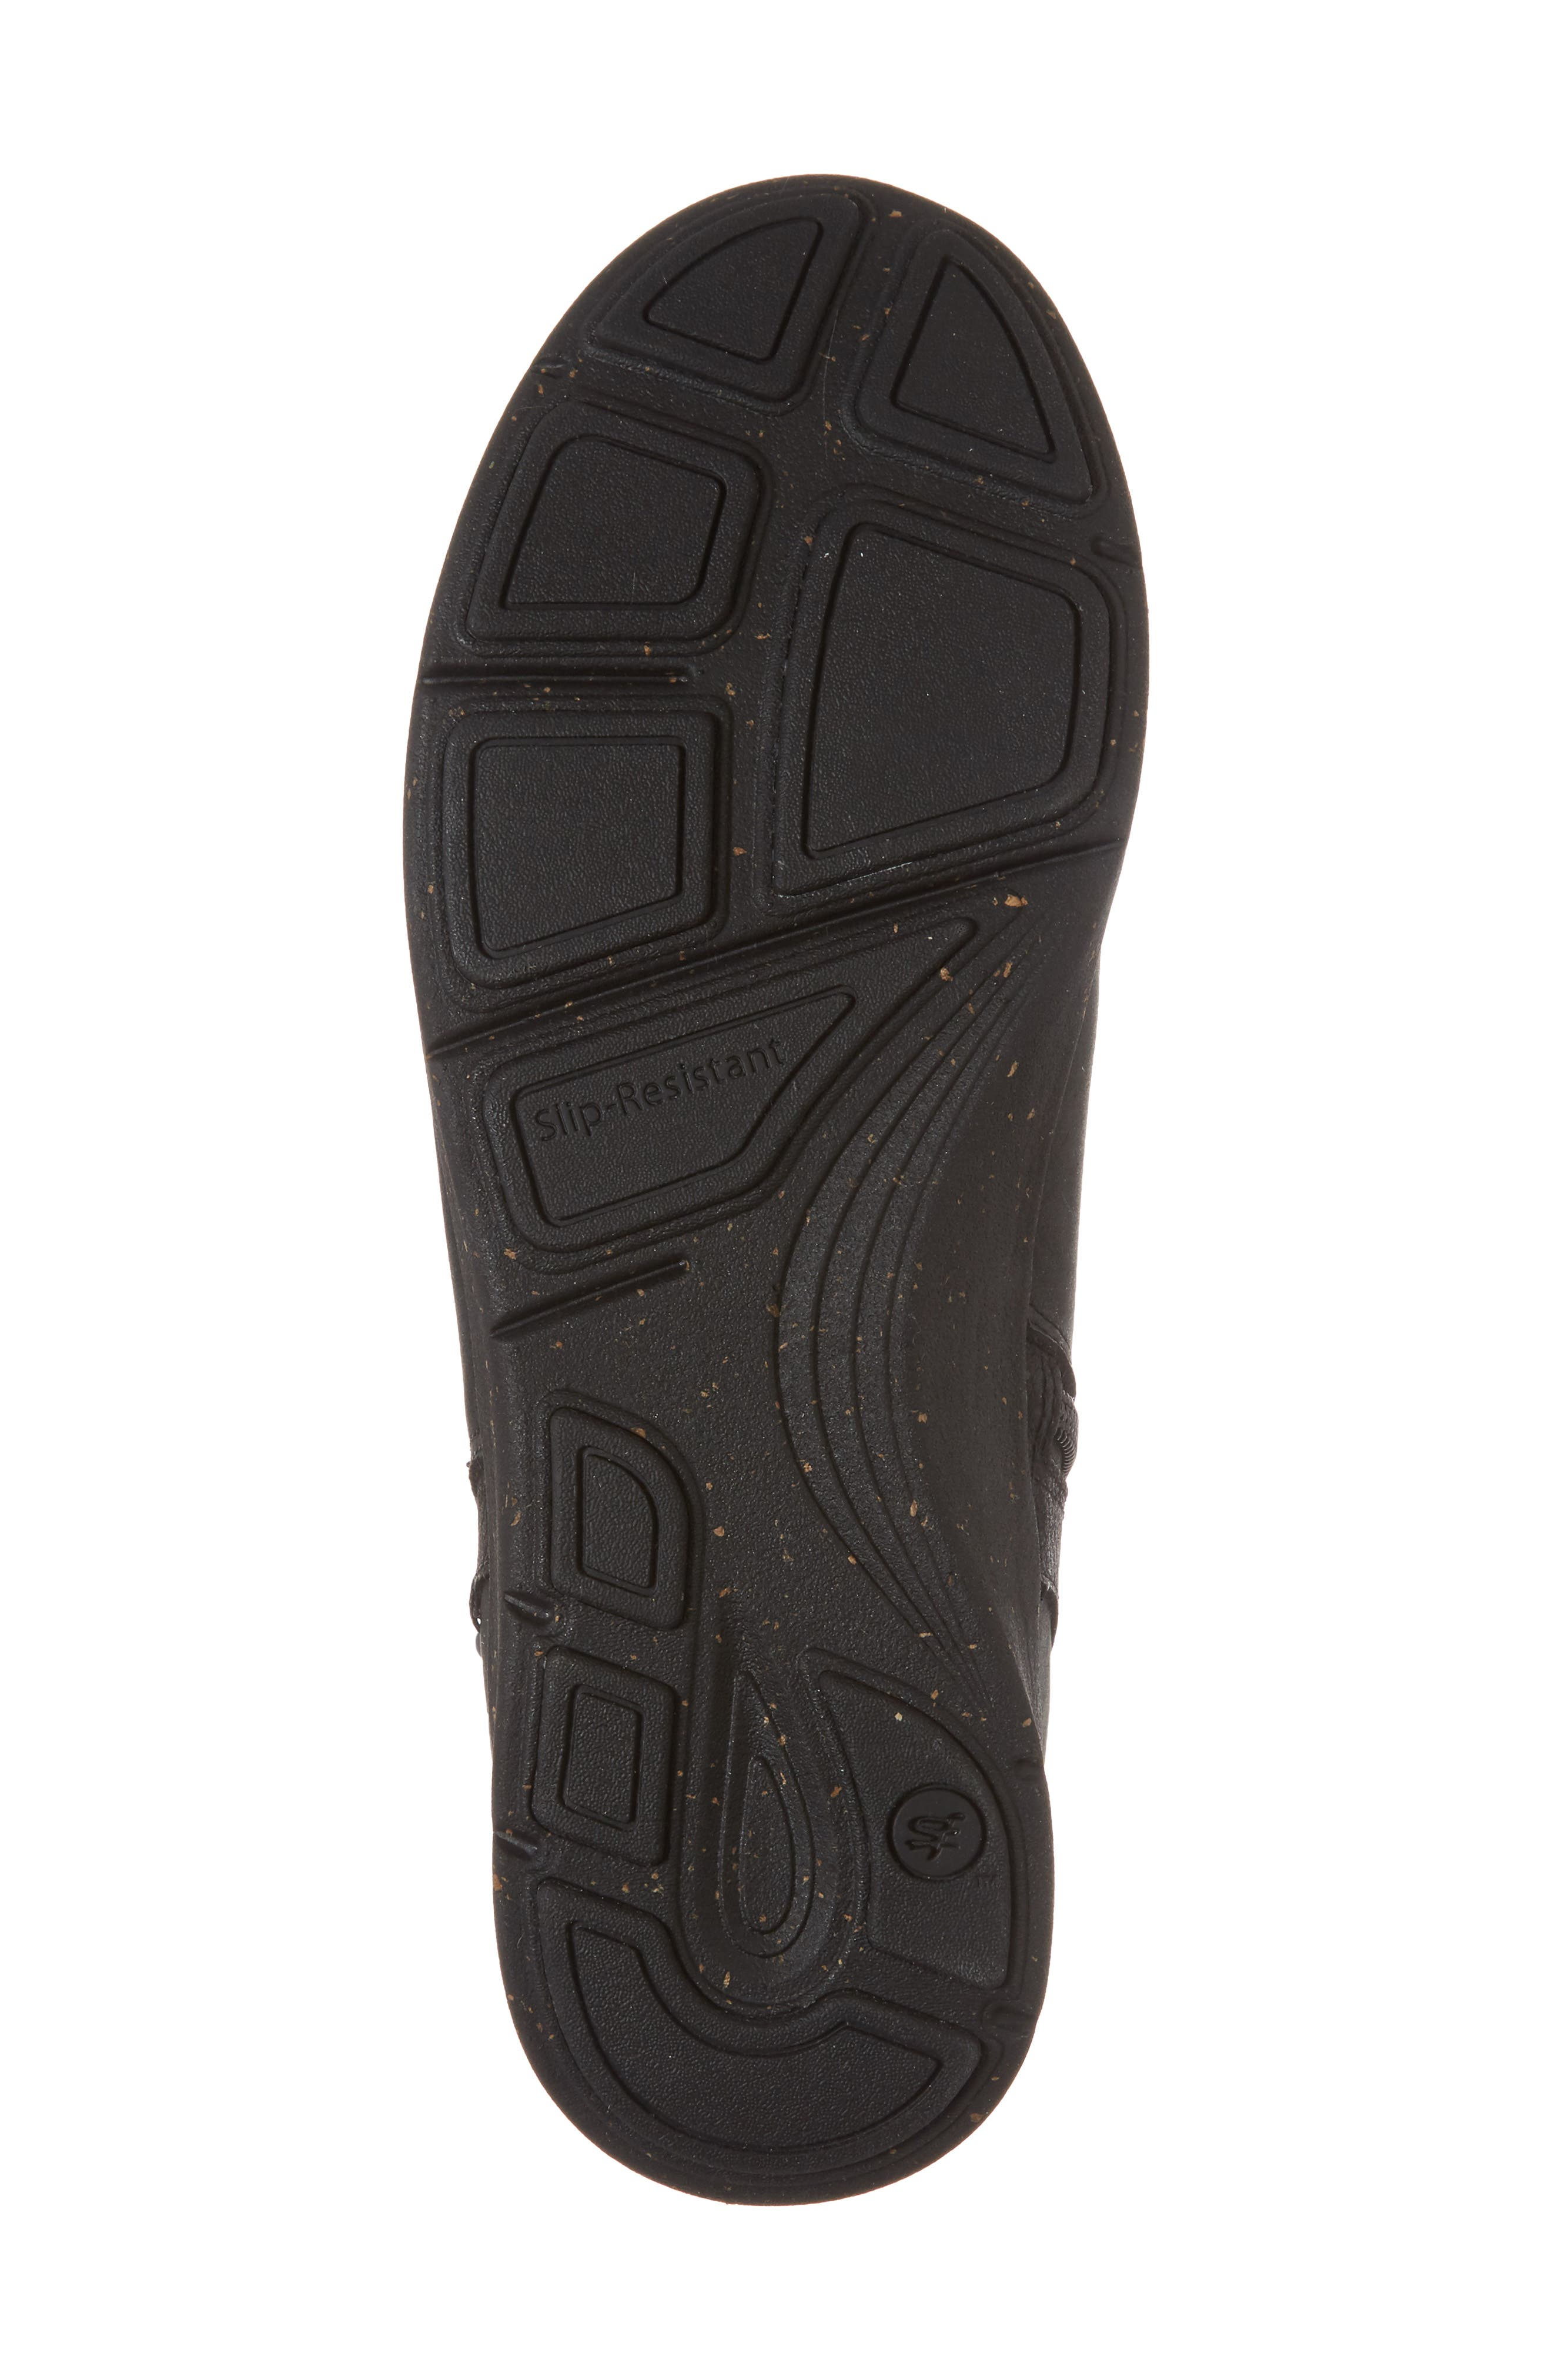 Ash Bootie,                             Alternate thumbnail 6, color,                             Black Leather